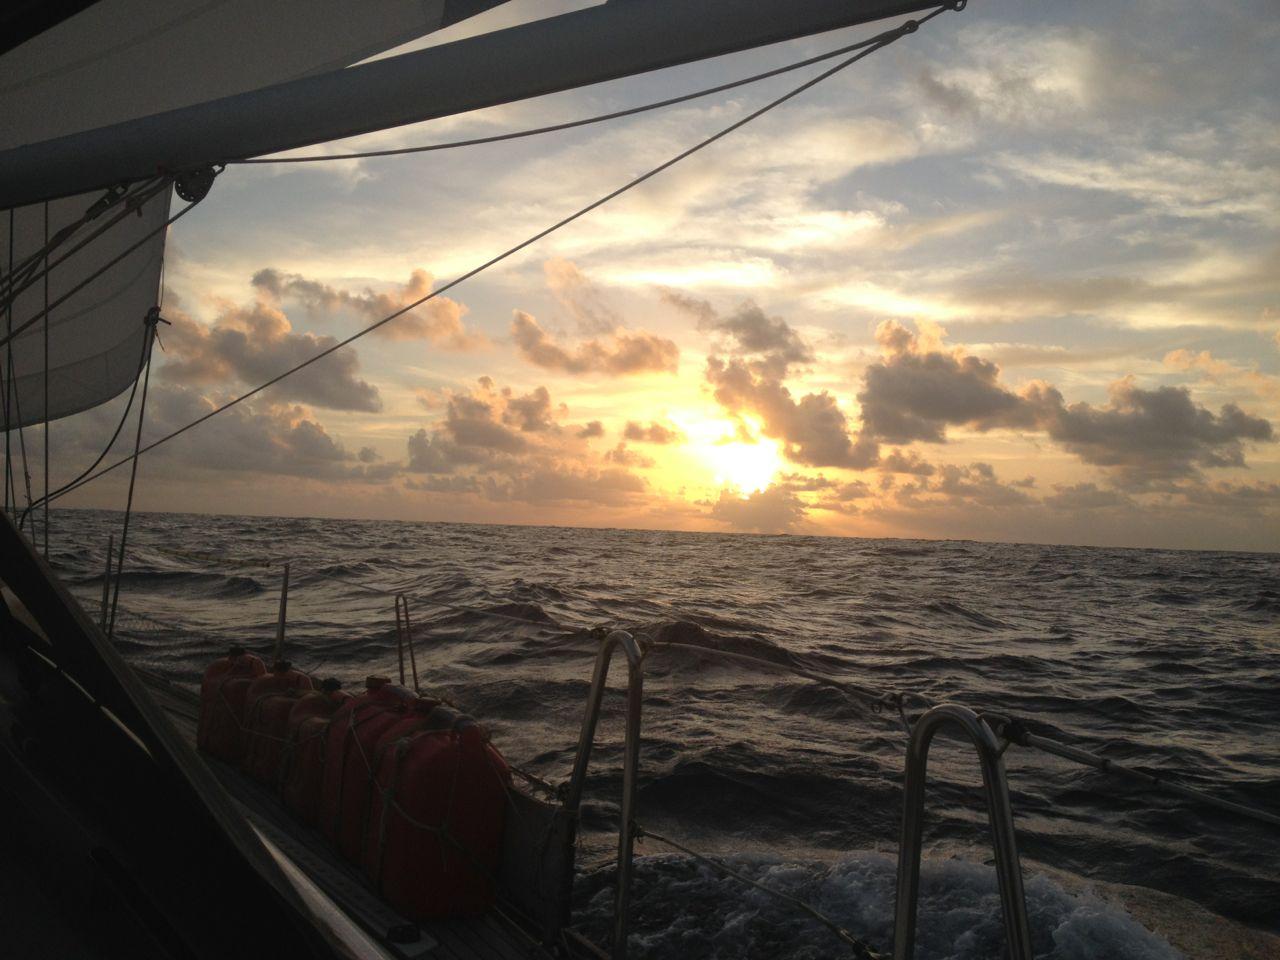 Viele wunderbare Sonnenuntergänge auf der Pazifiküberquerung mit der hapa an sasa